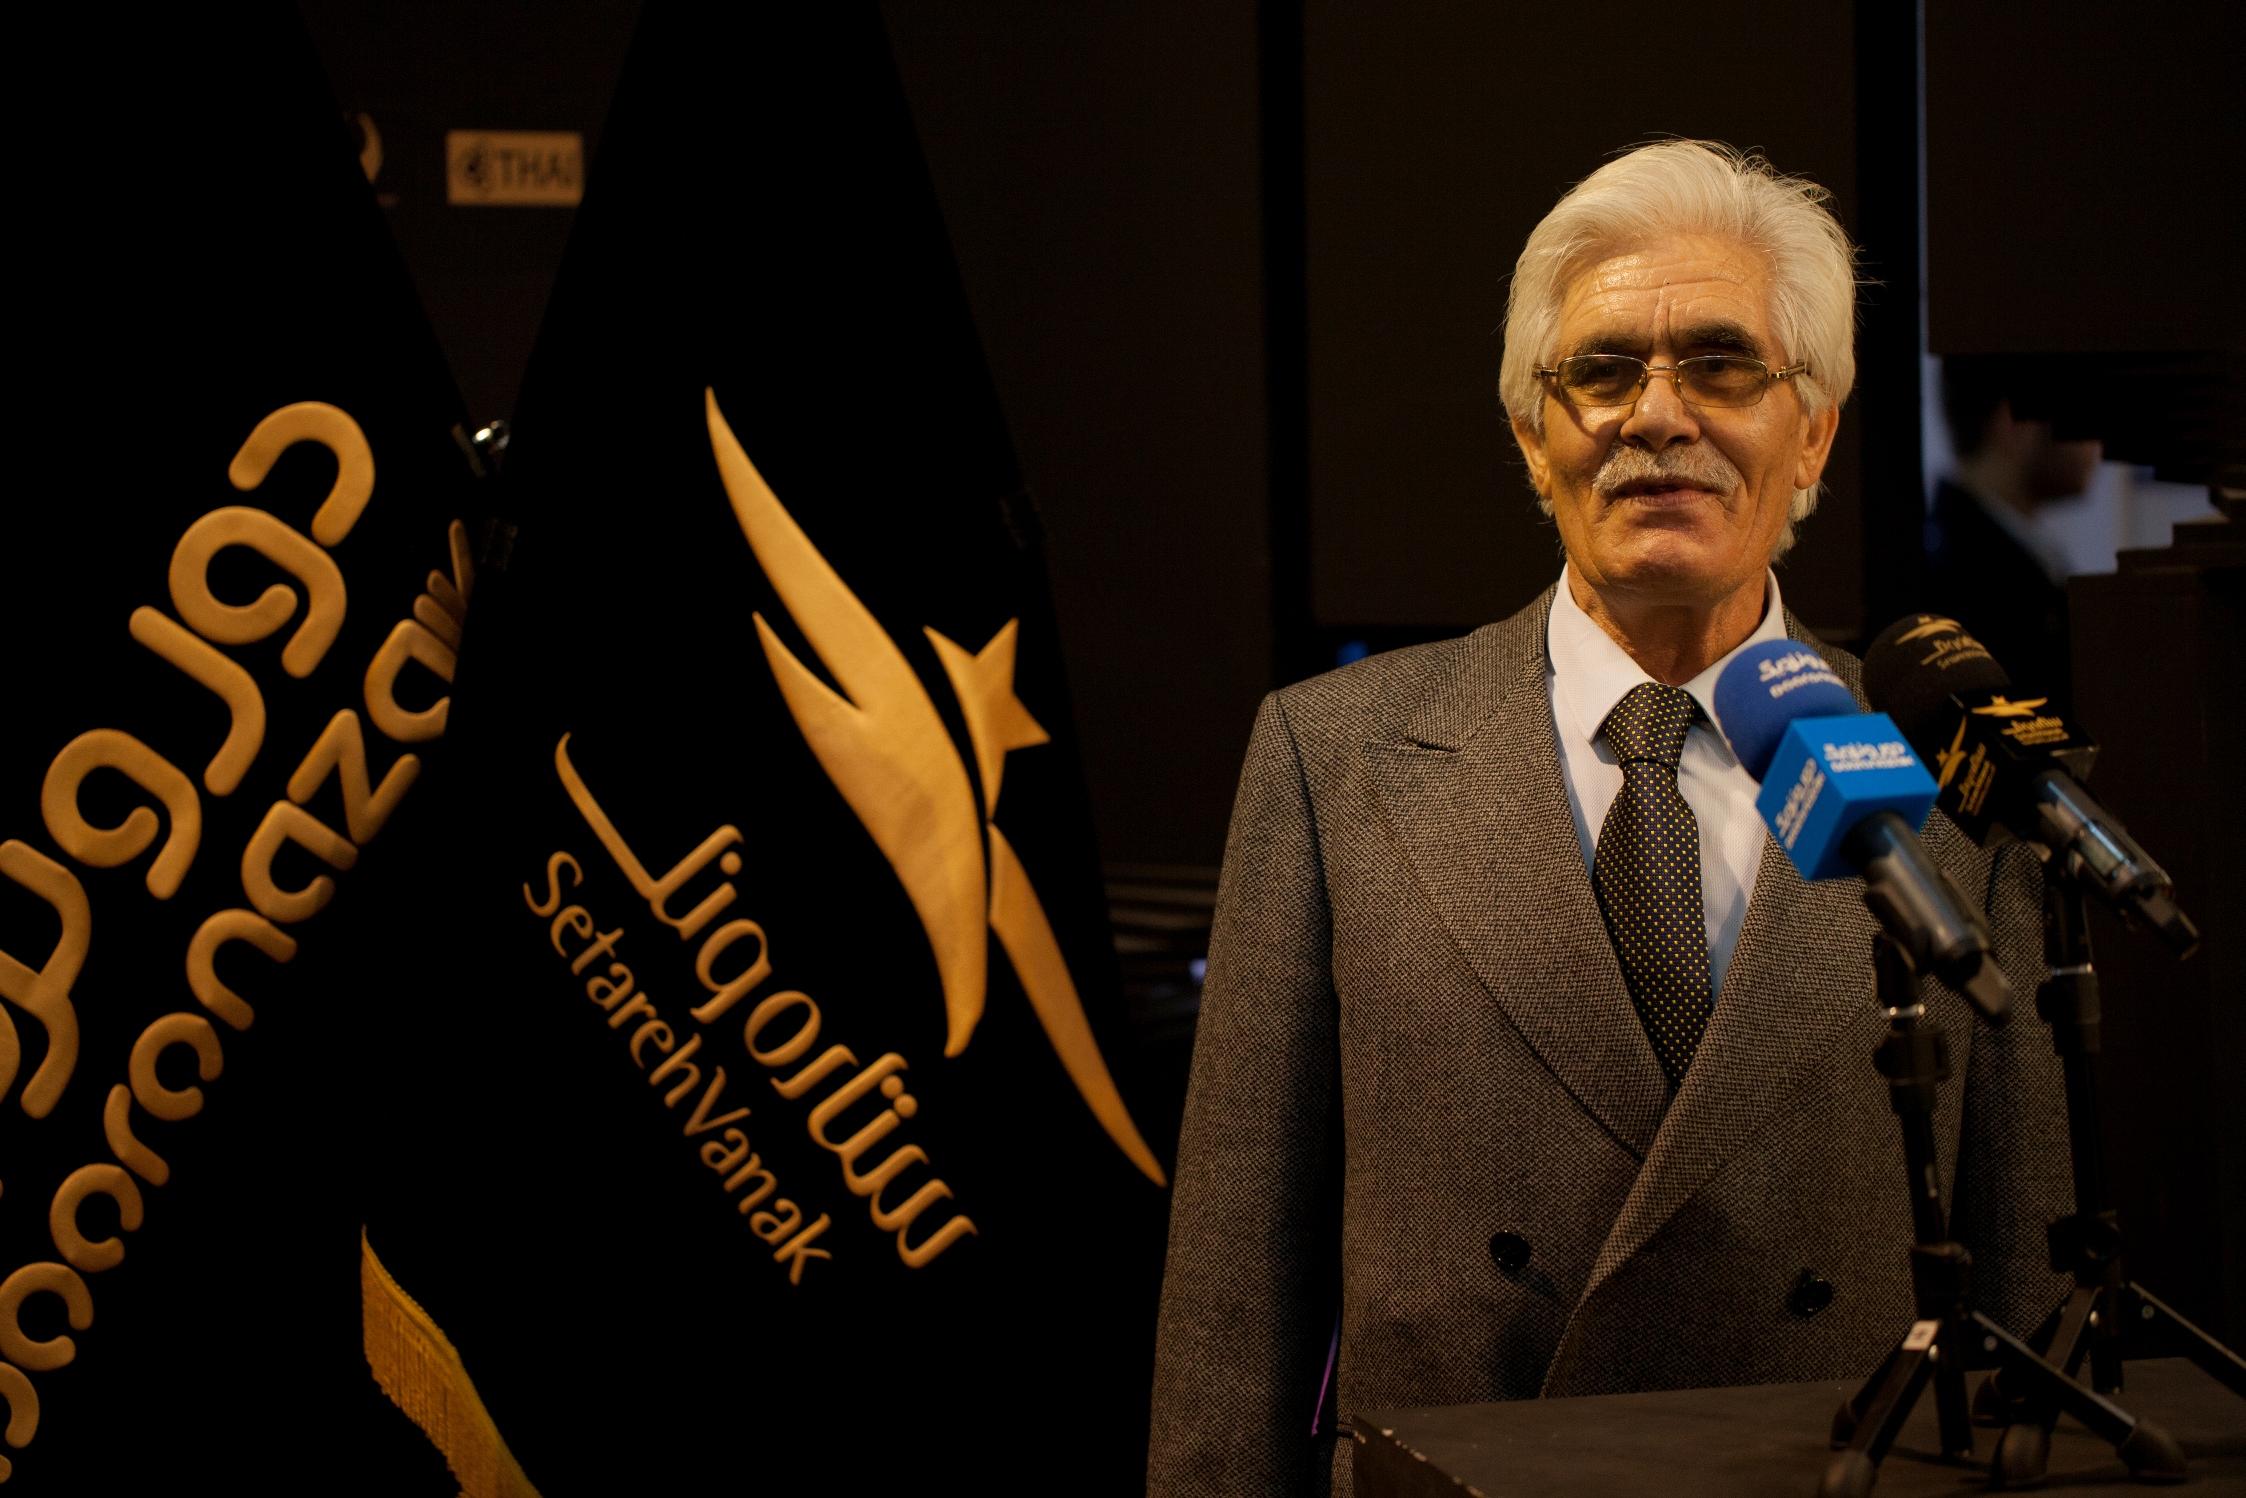 حضور دور و نزدیک در یازدهمین نمایشگاه بین المللی گردشگری ایران